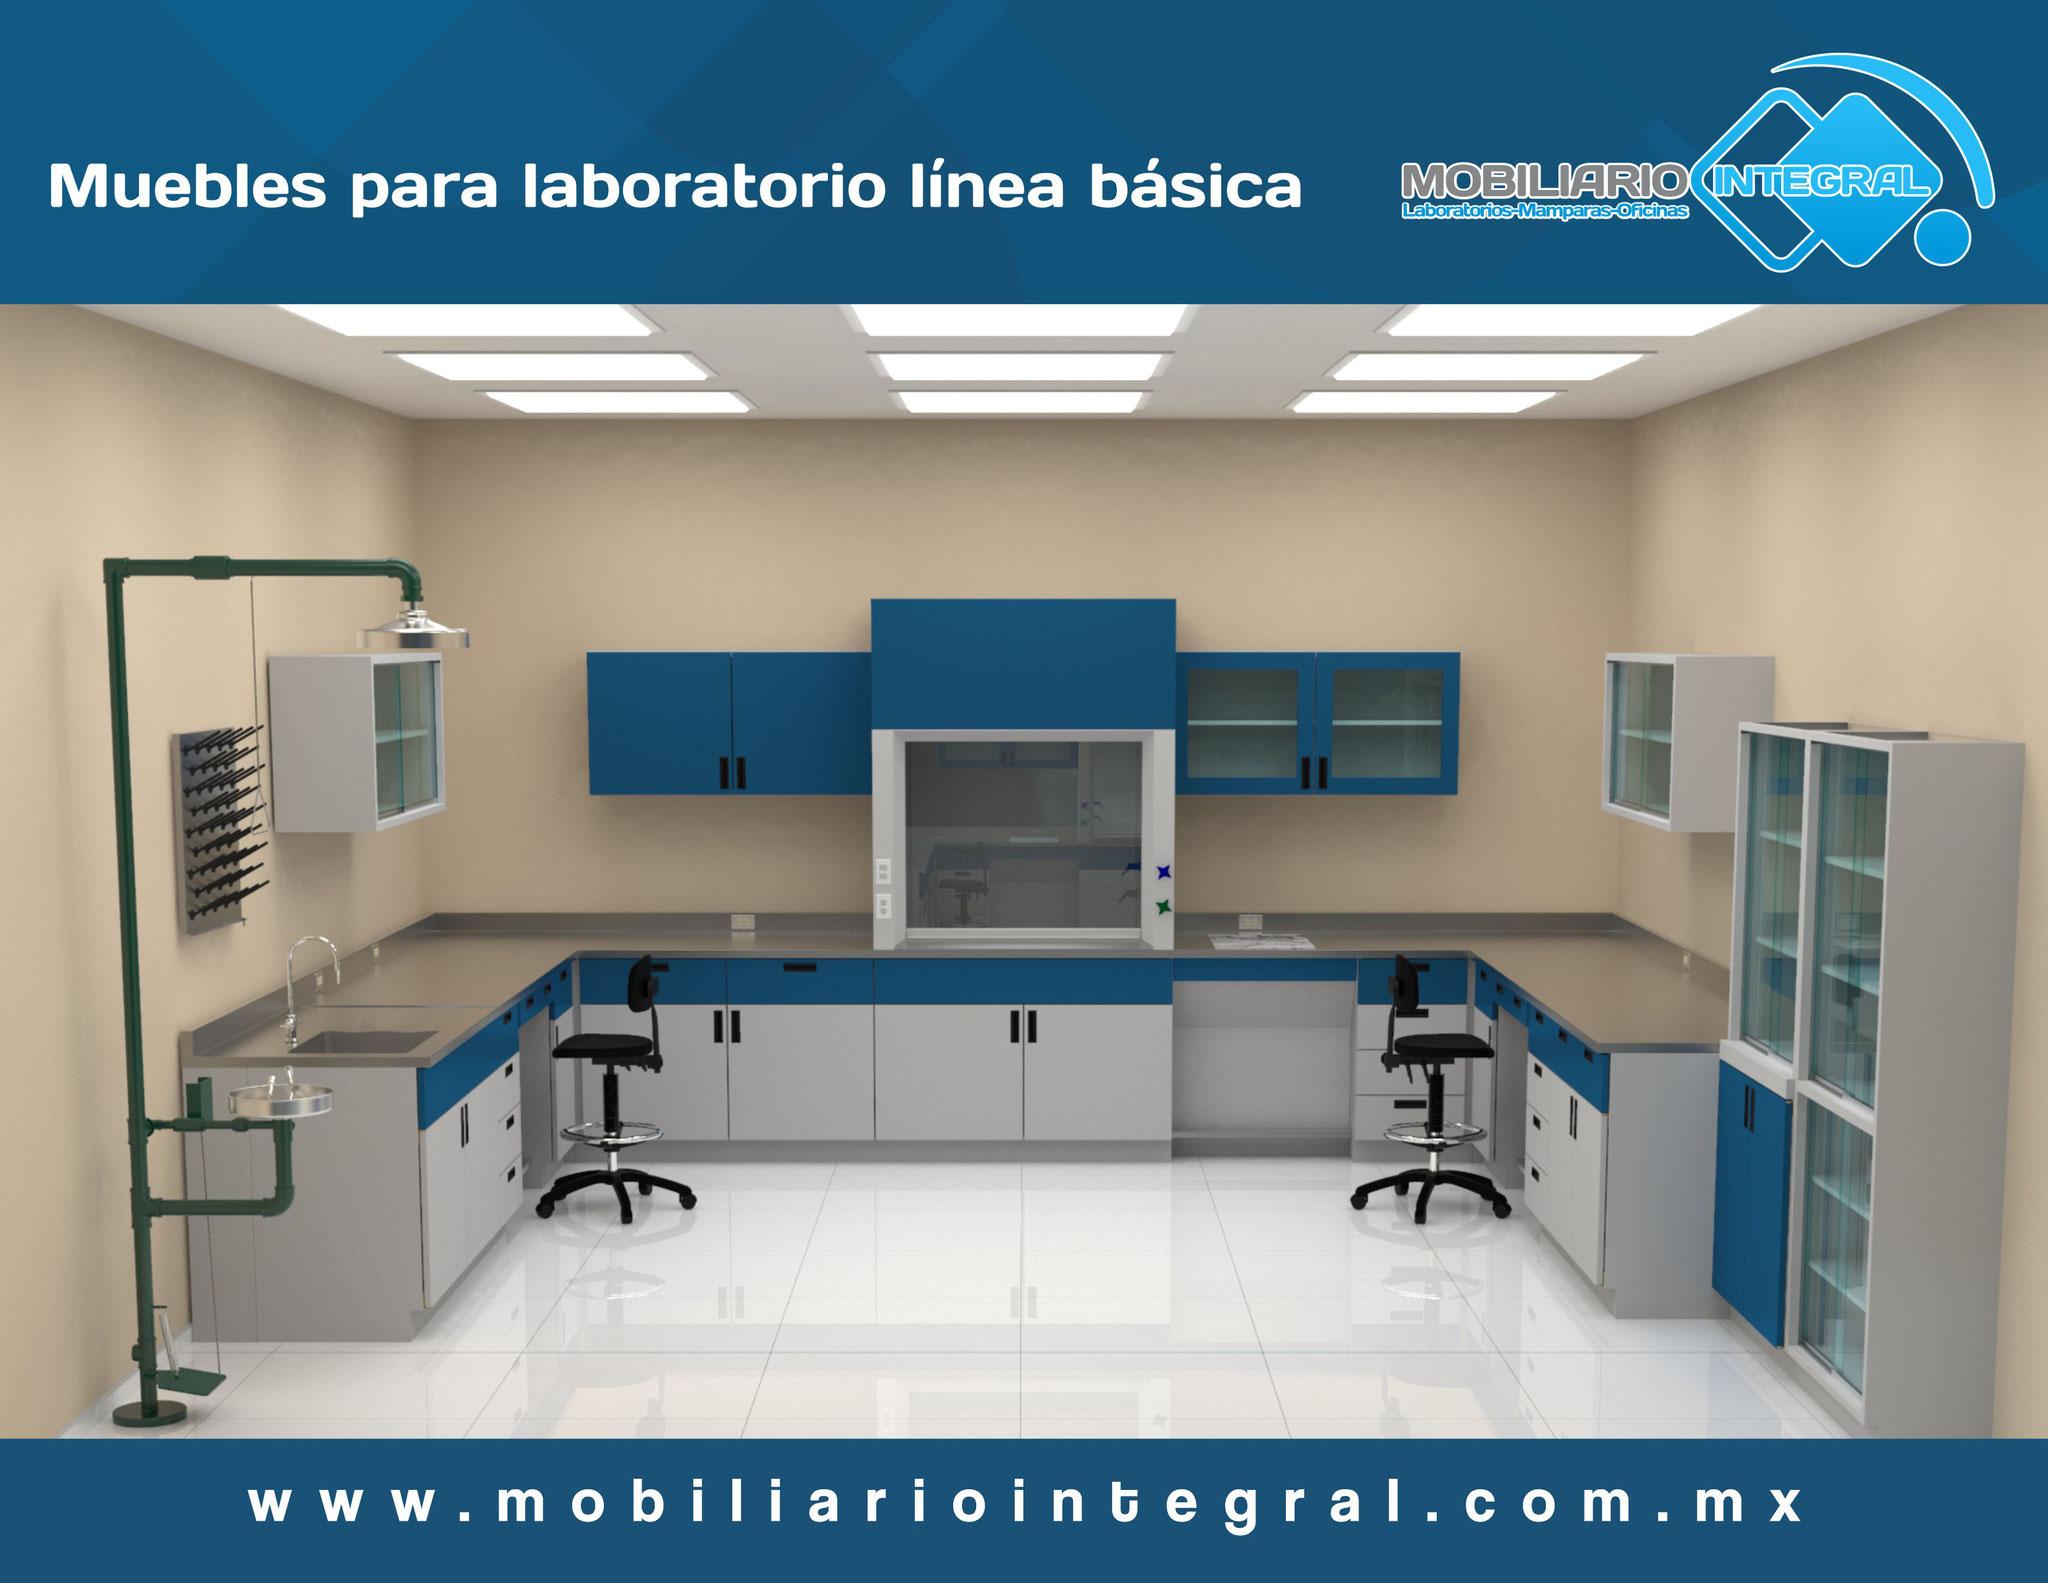 Muebles para laboratorio en Guanajuato